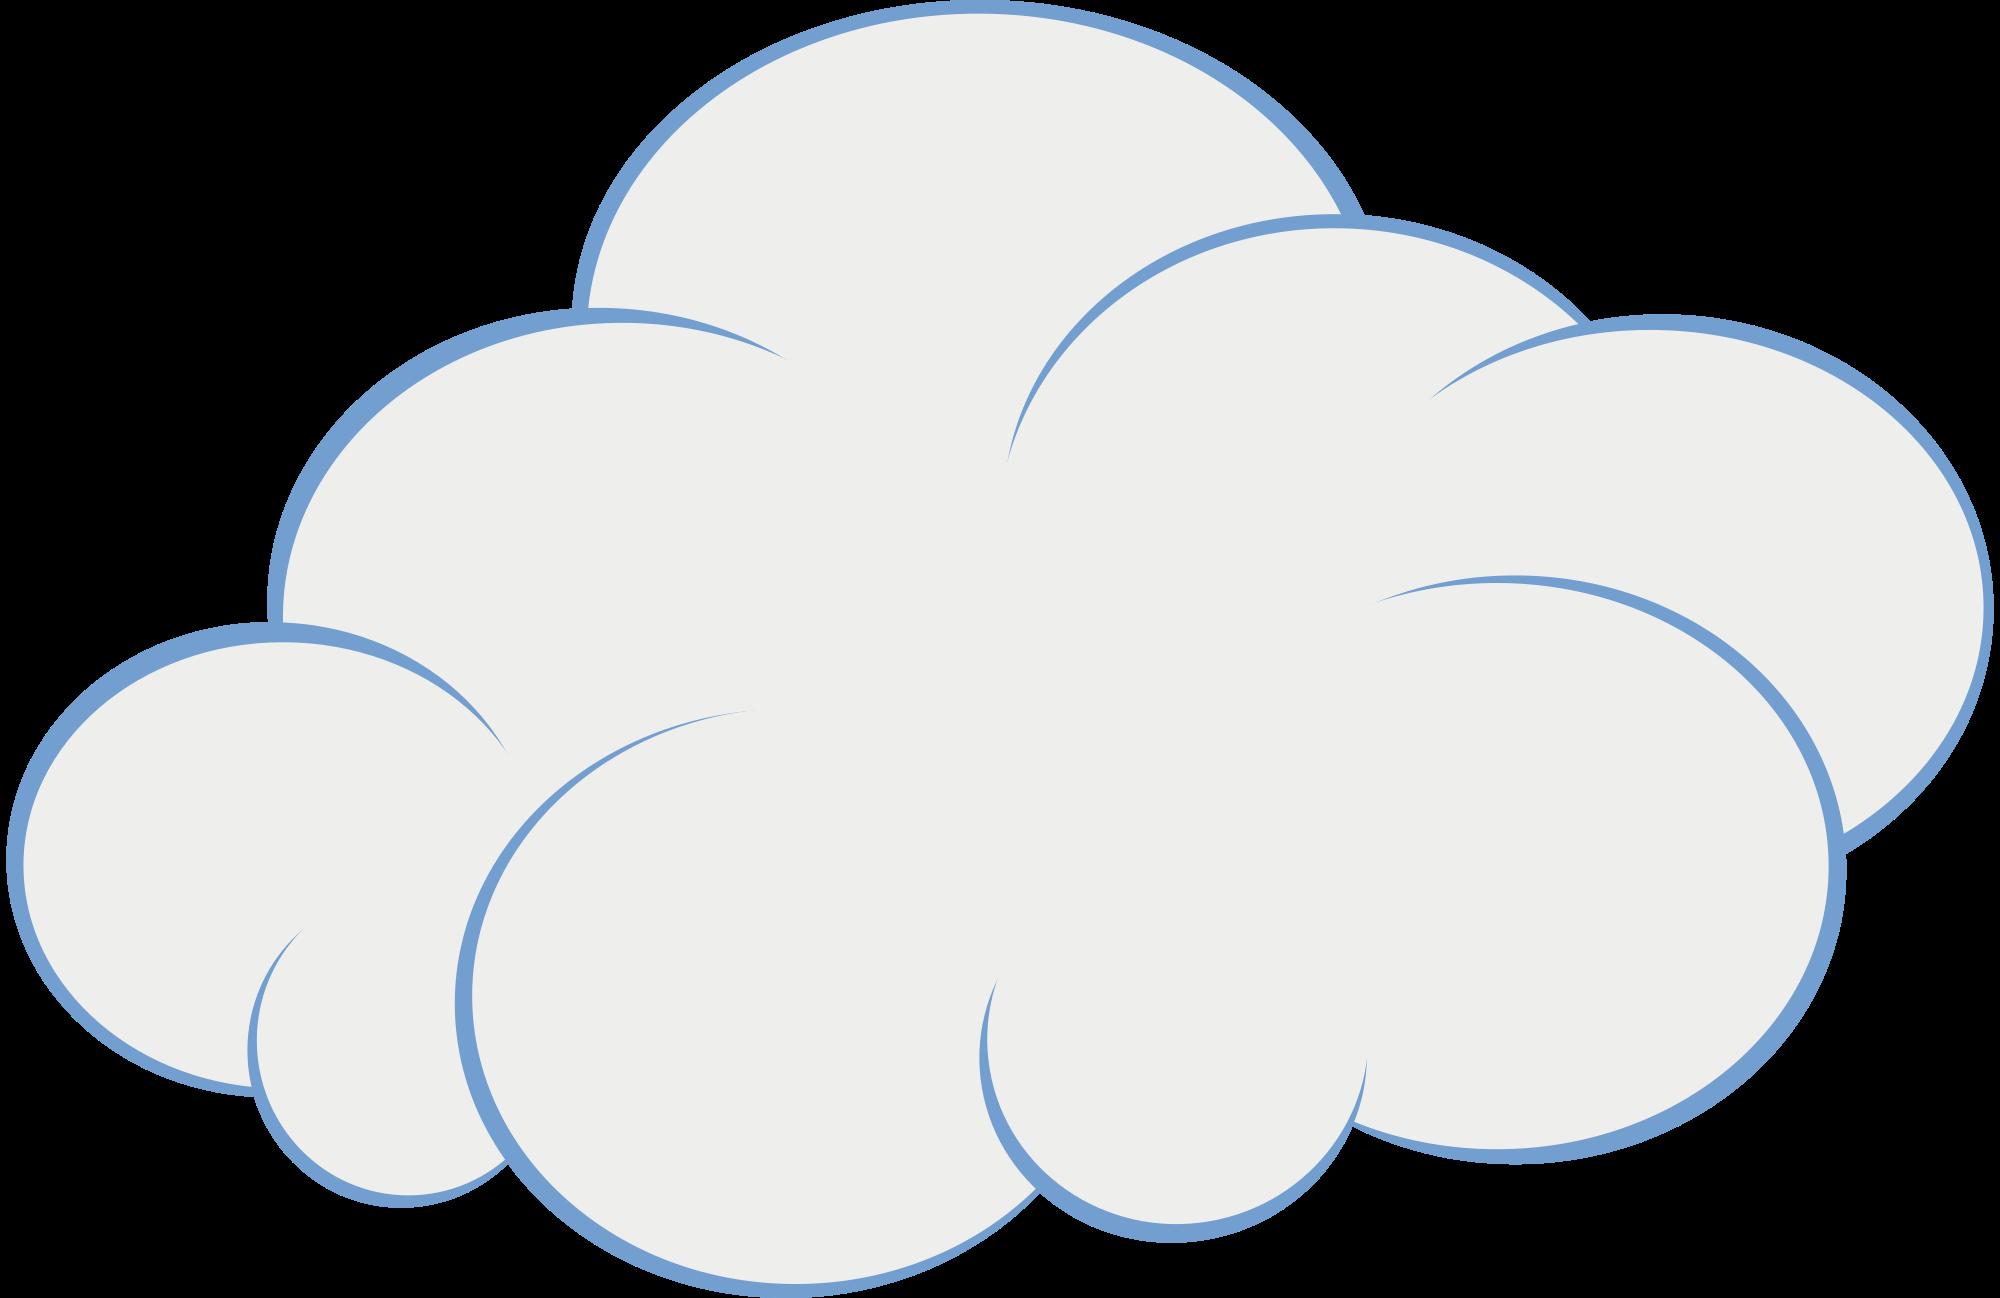 картинка печальное облако